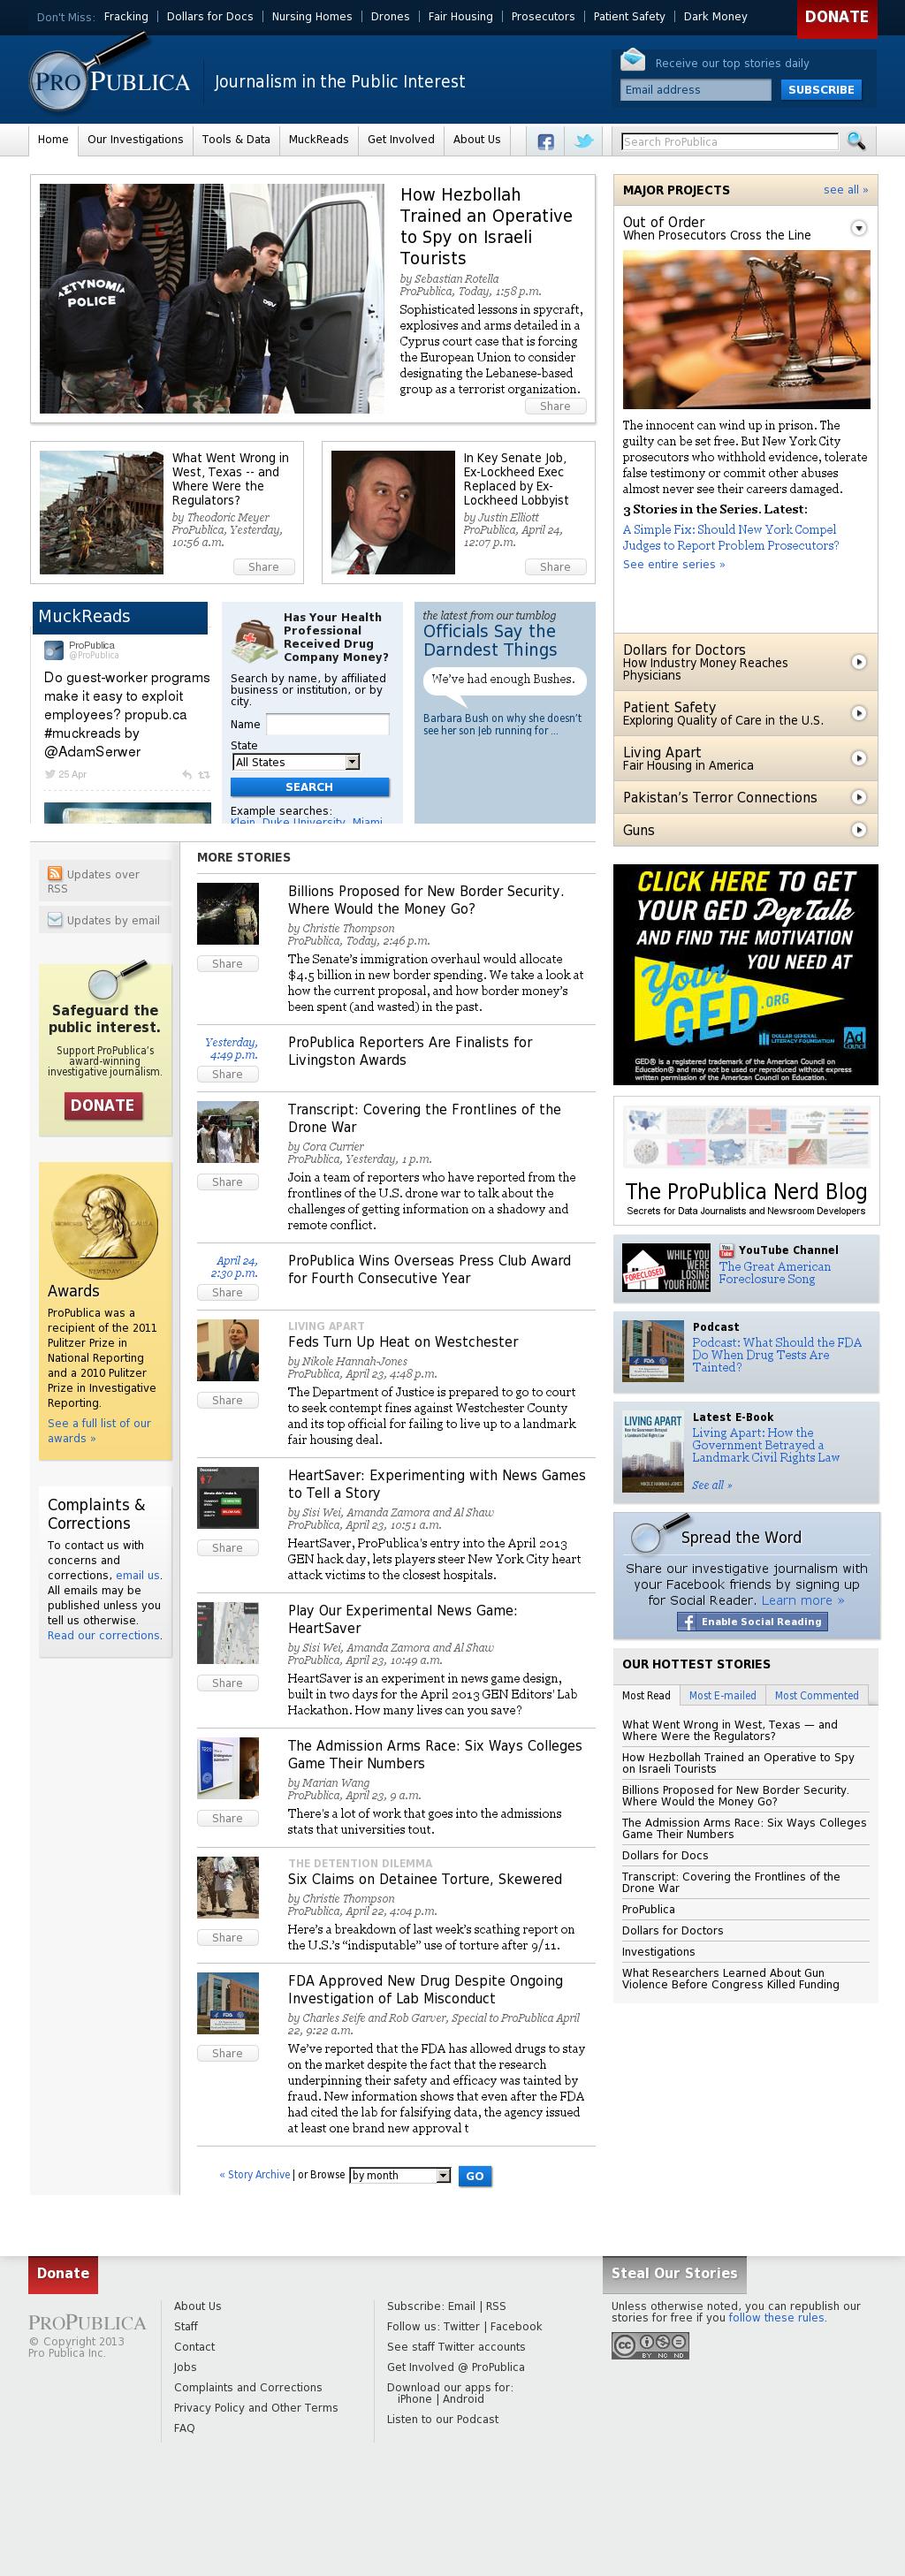 ProPublica at Saturday April 27, 2013, 12:18 a.m. UTC